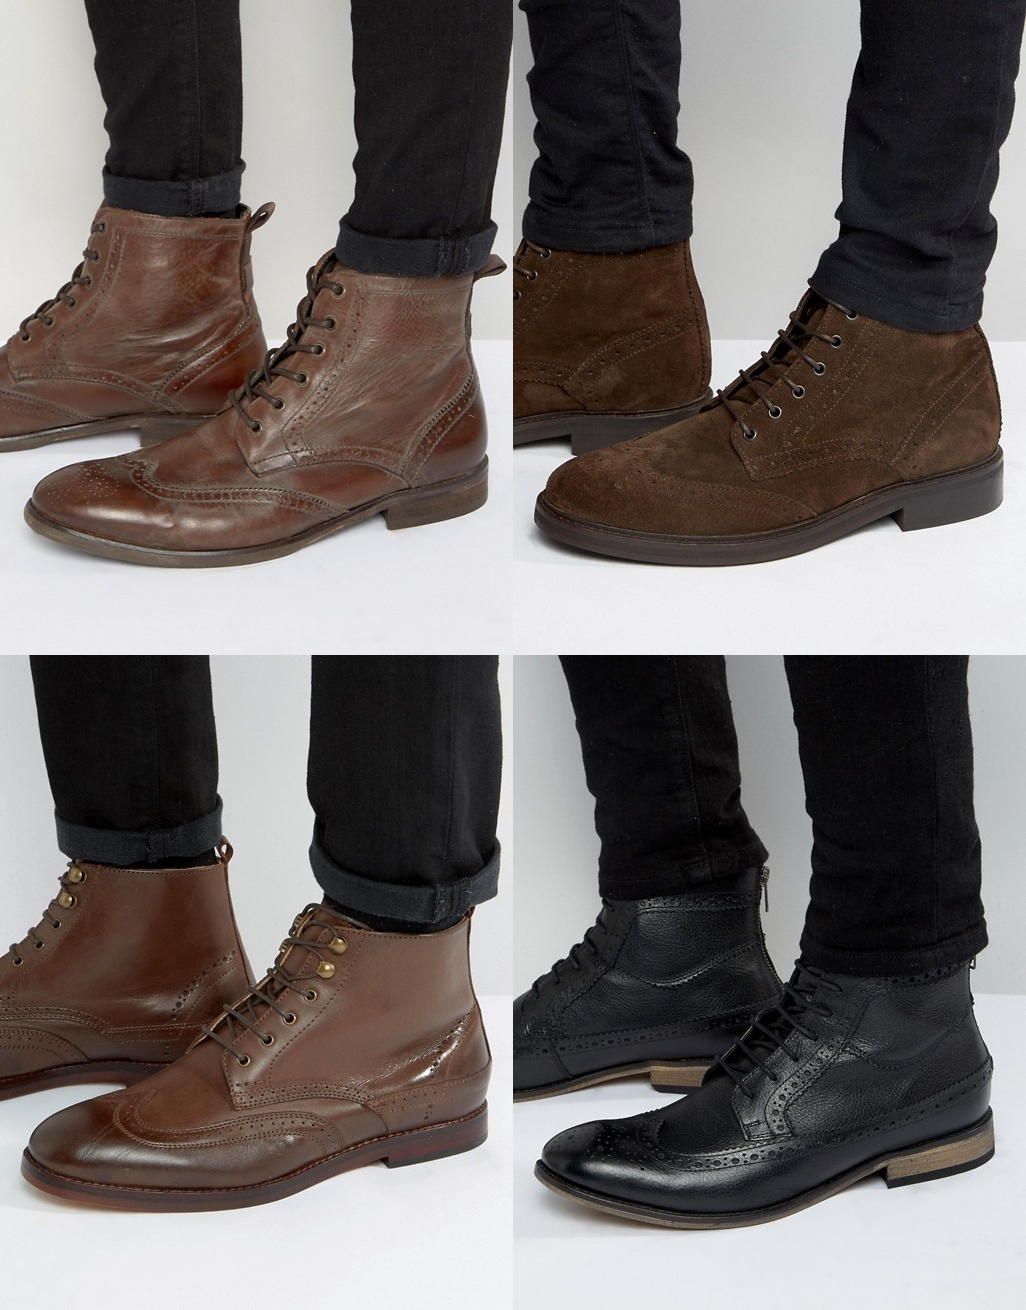 bota masculina 2017, bota para homens, modelo de bota, bota brogue, brogue boot, blog de moda masculina, moda sem censura, alex cursino, dicas de estilo masculino